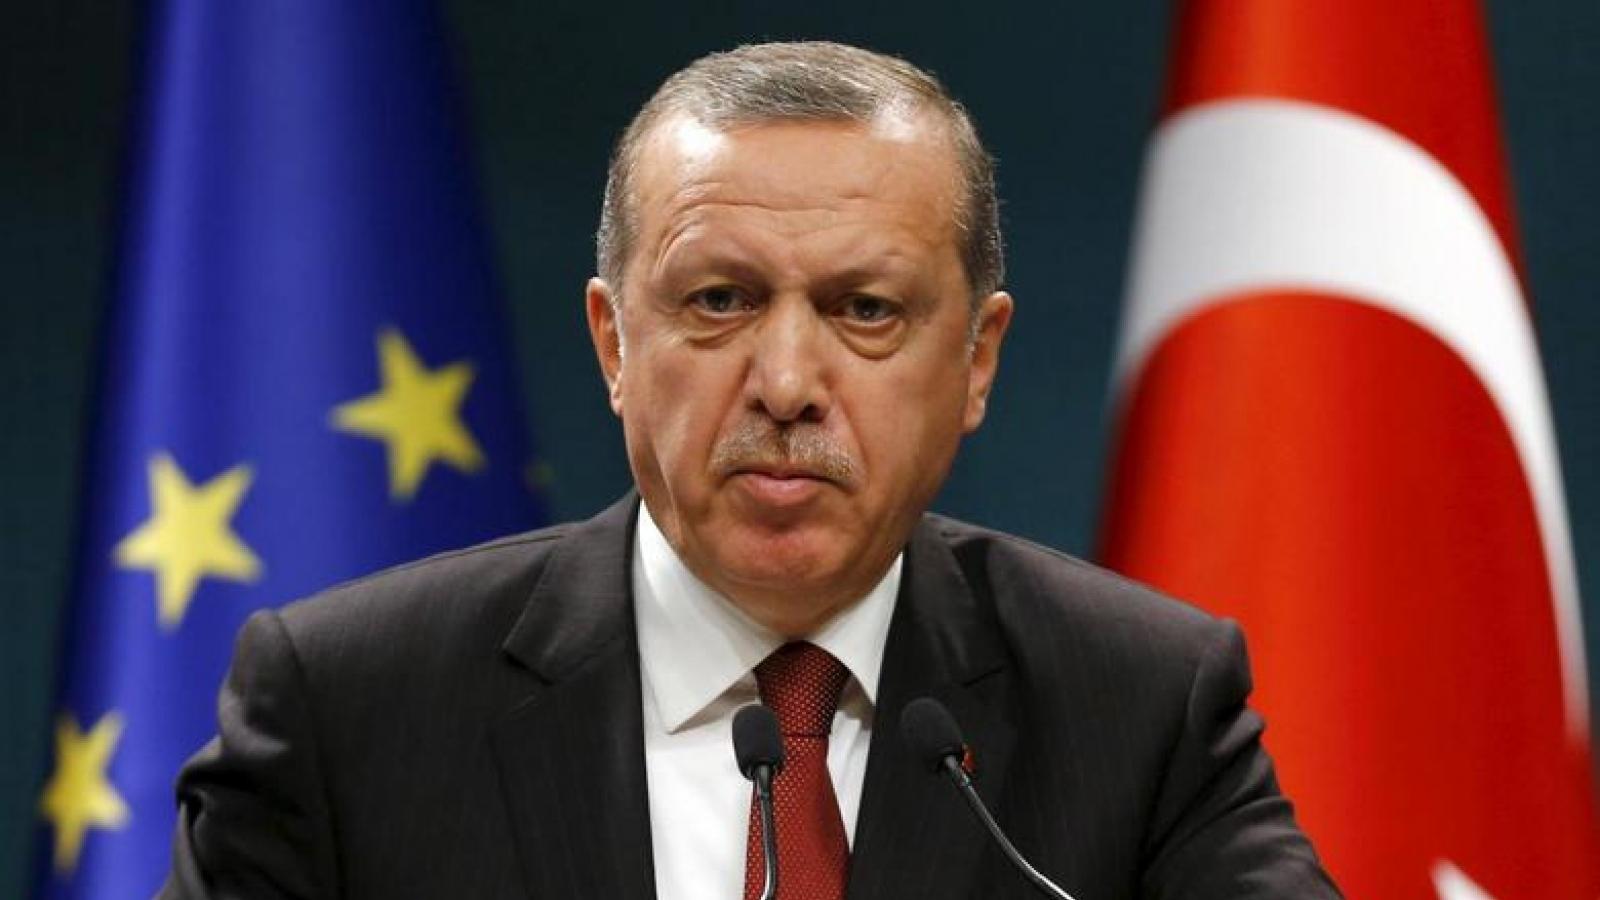 Thổ Nhĩ Kỳ phản đối phán quyết của Tòa án Nhân quyền châu Âu